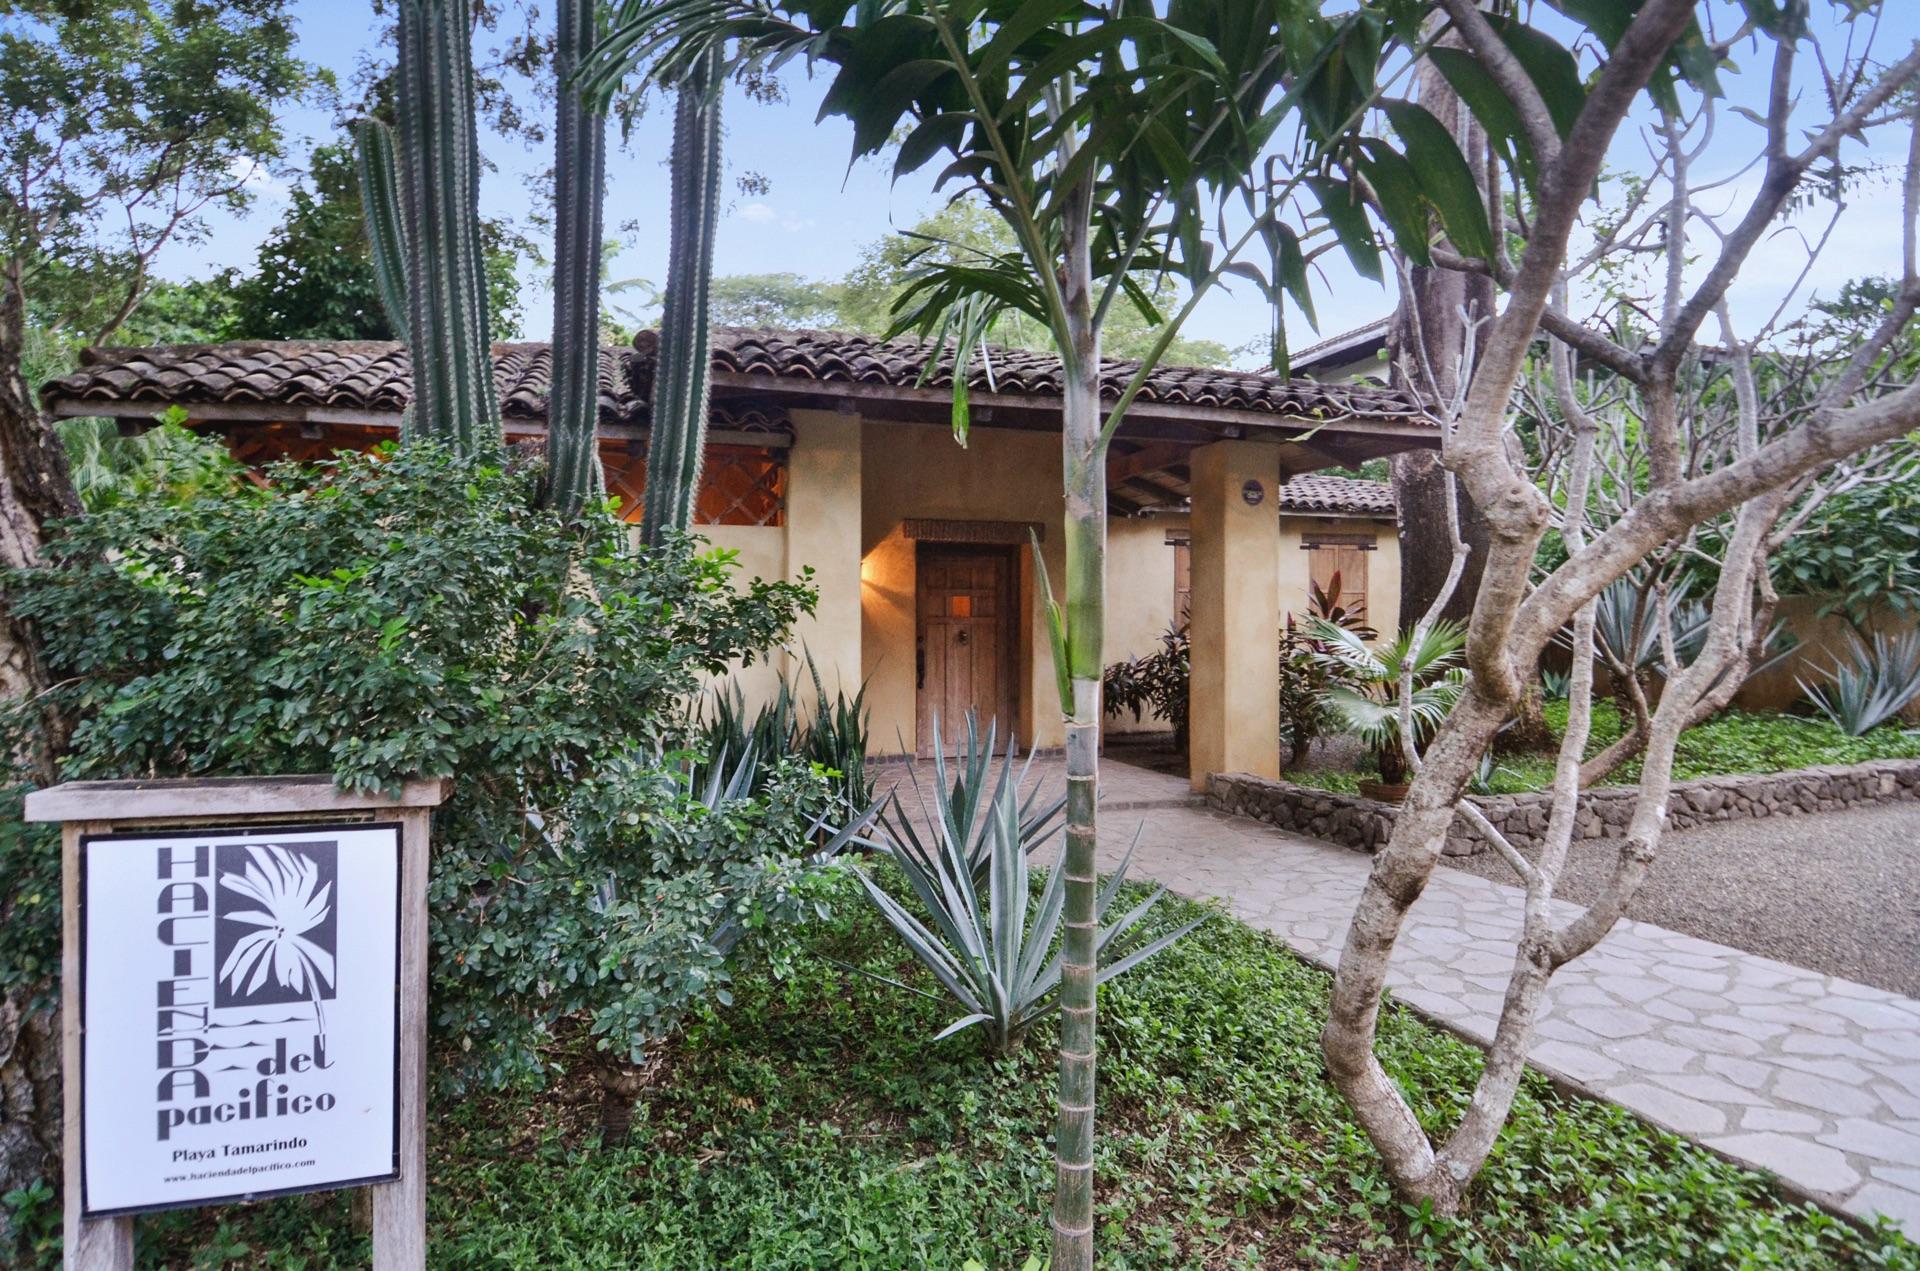 Entrance to Hacienda del Pacifico